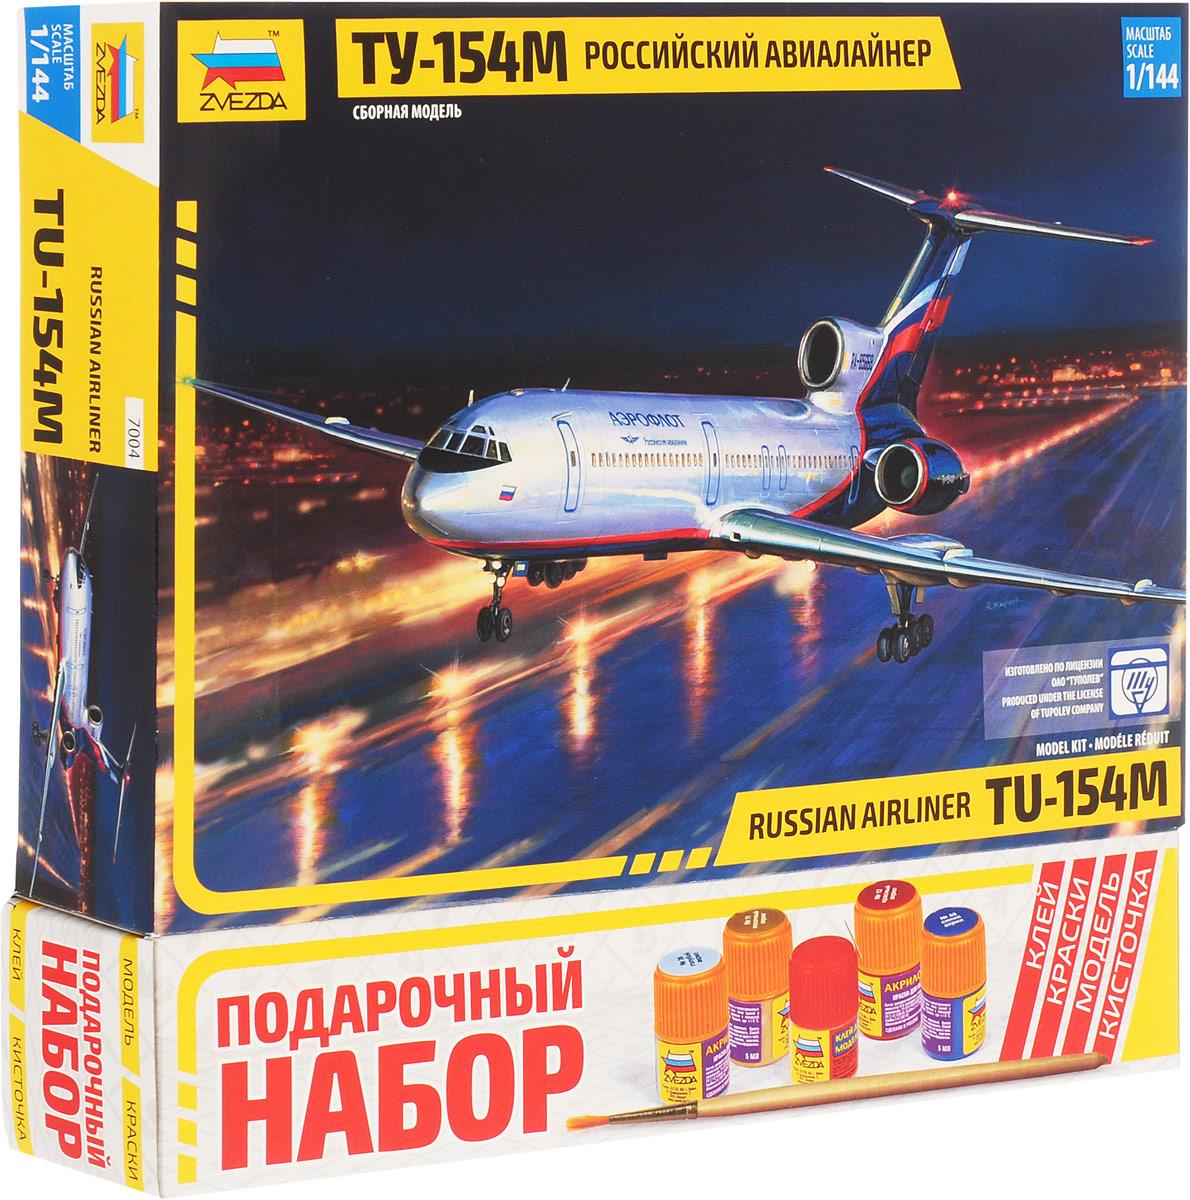 Фото - Звезда Набор для сборки и раскрашивания Российский авиалайнер Ту-154М пассажирский авиалайнер ту 134 а б 3 в кор 20шт